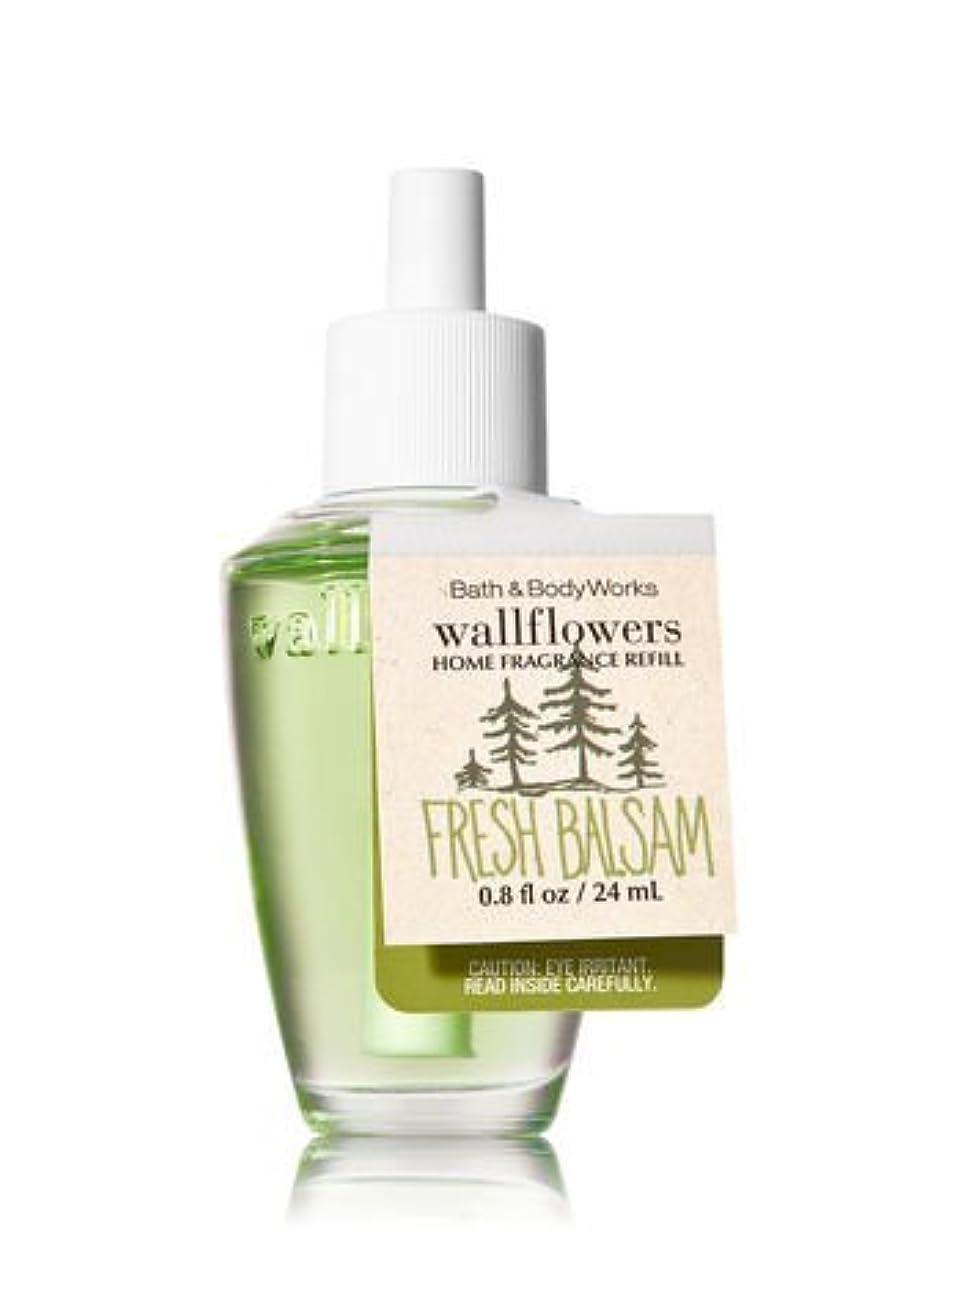 損失敬意オーケストラ【Bath&Body Works/バス&ボディワークス】 ルームフレグランス 詰替えリフィル フレッシュバルサム Wallflowers Home Fragrance Refill Fresh Balsam [並行輸入品]